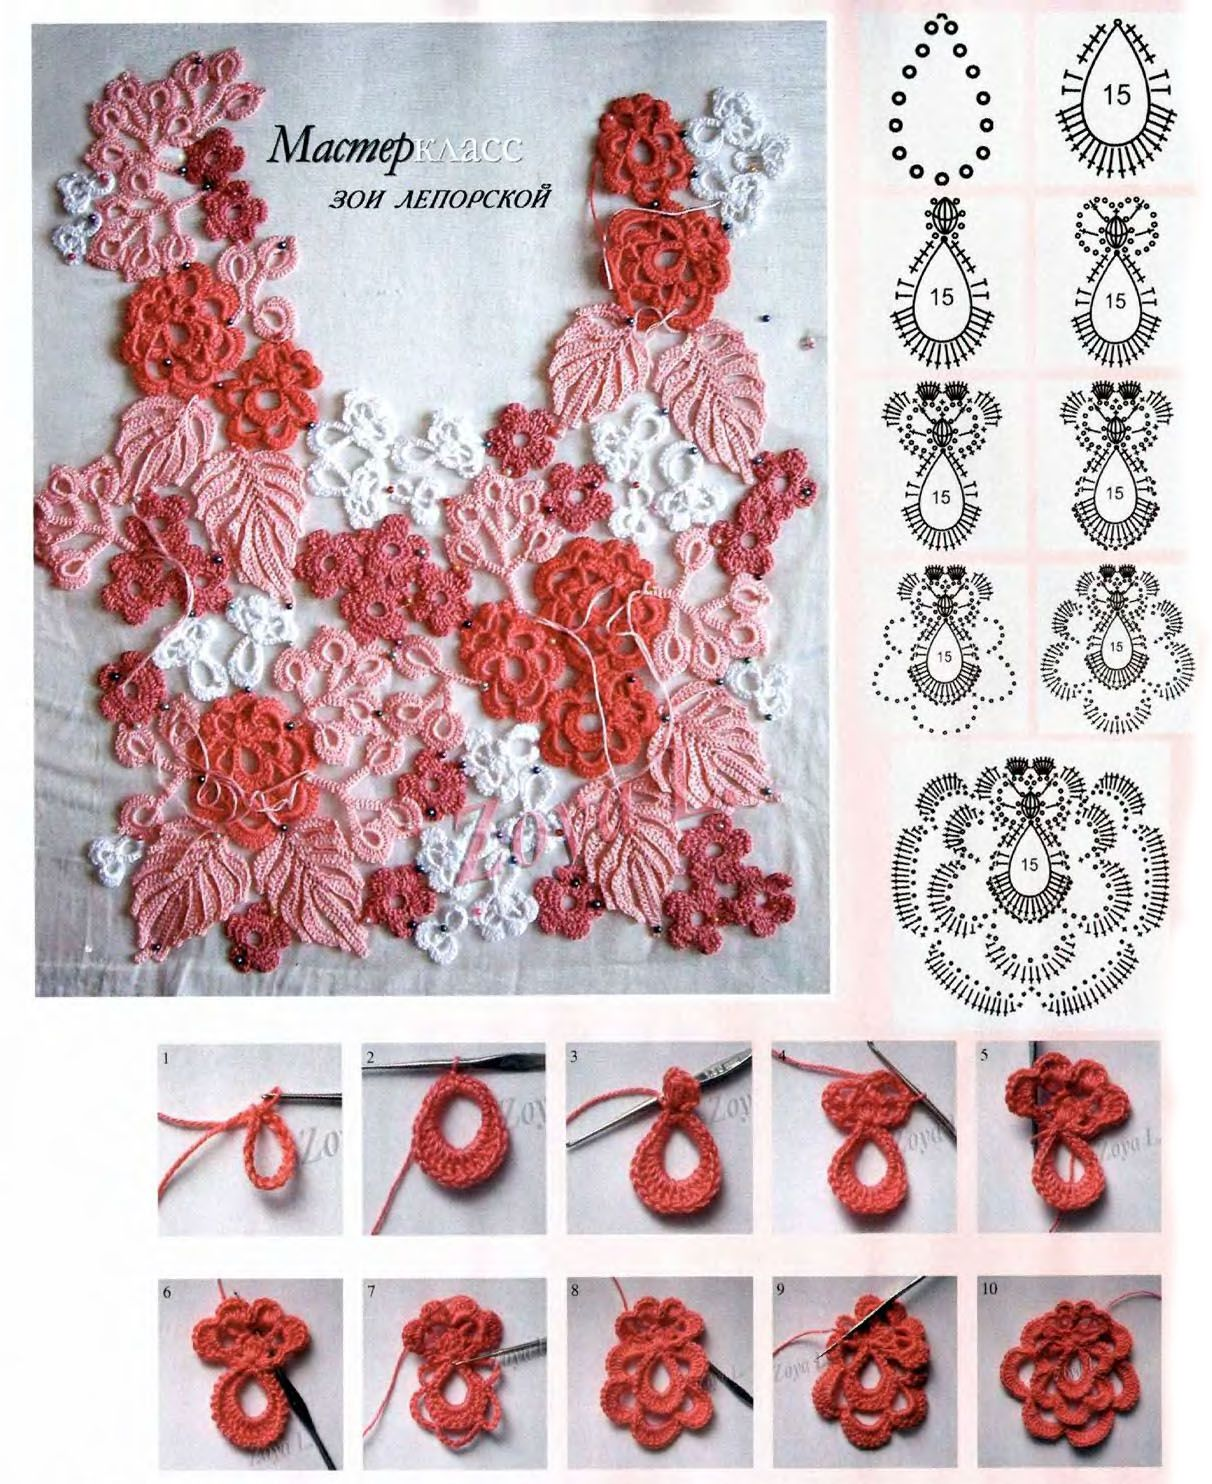 Ирландское кружево. вязание крючком. схемы элементов